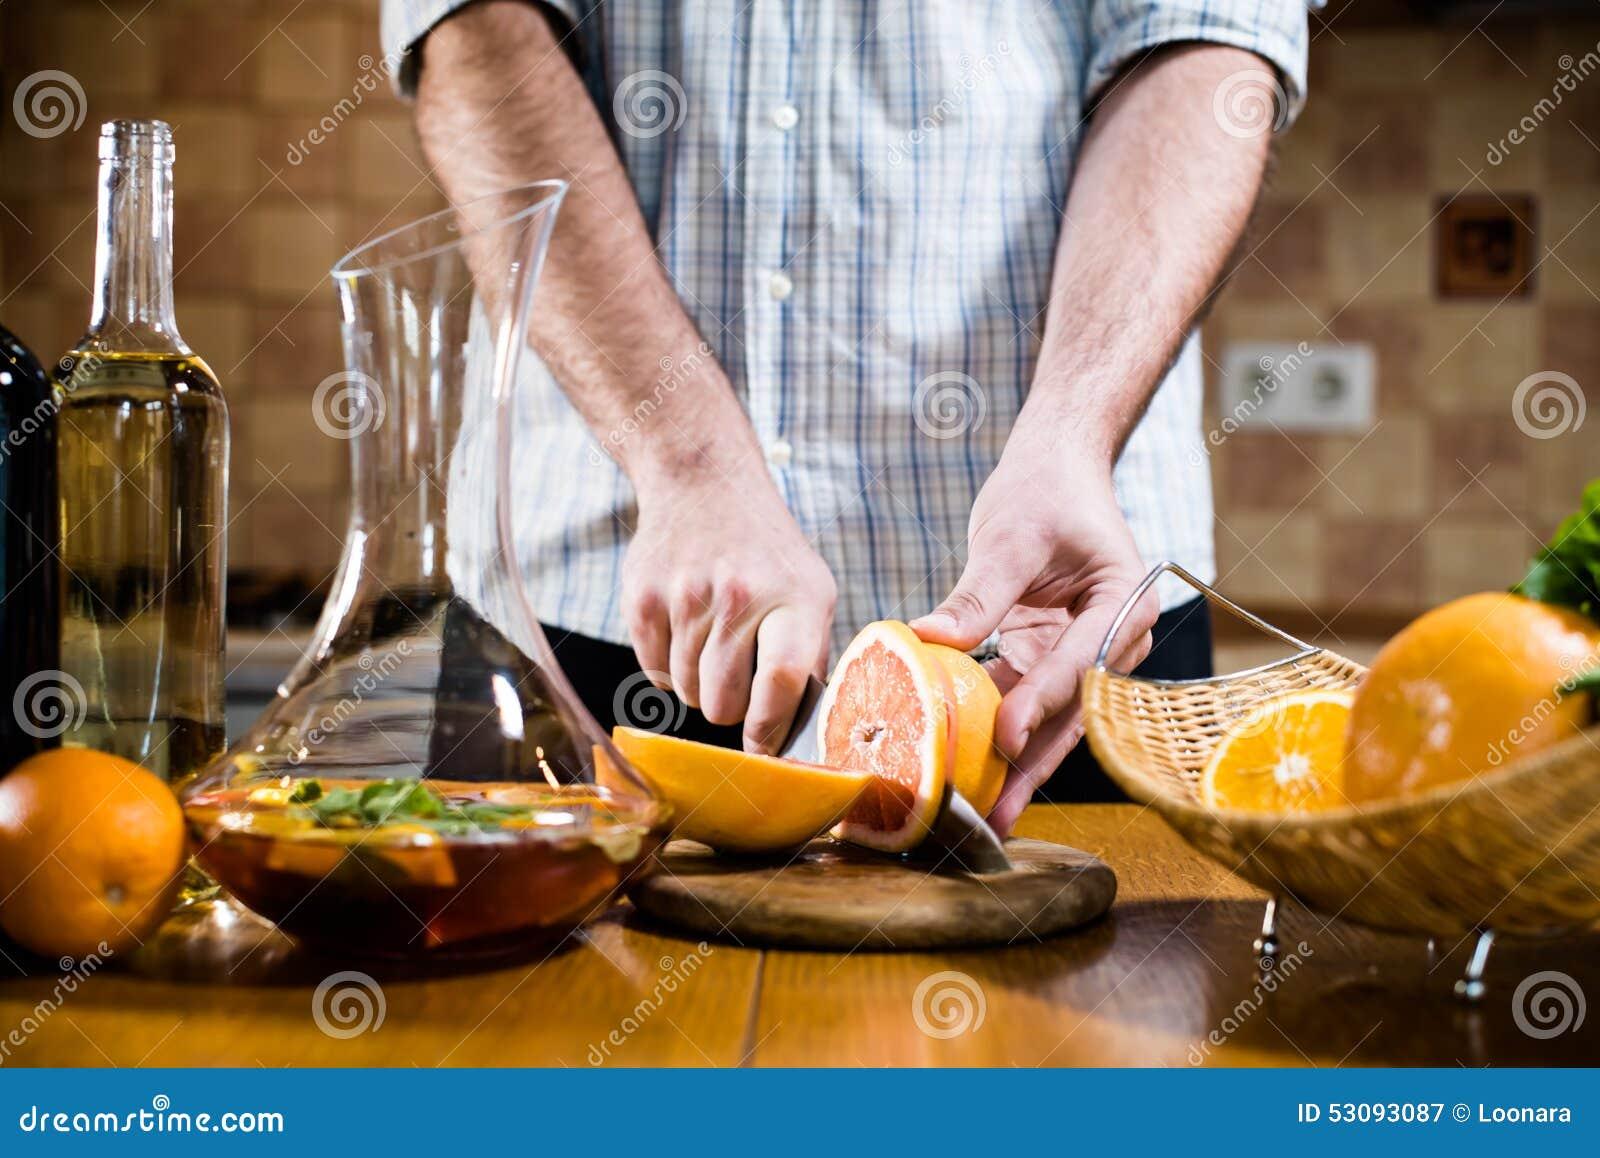 Mannen klipper nya grapefrukter